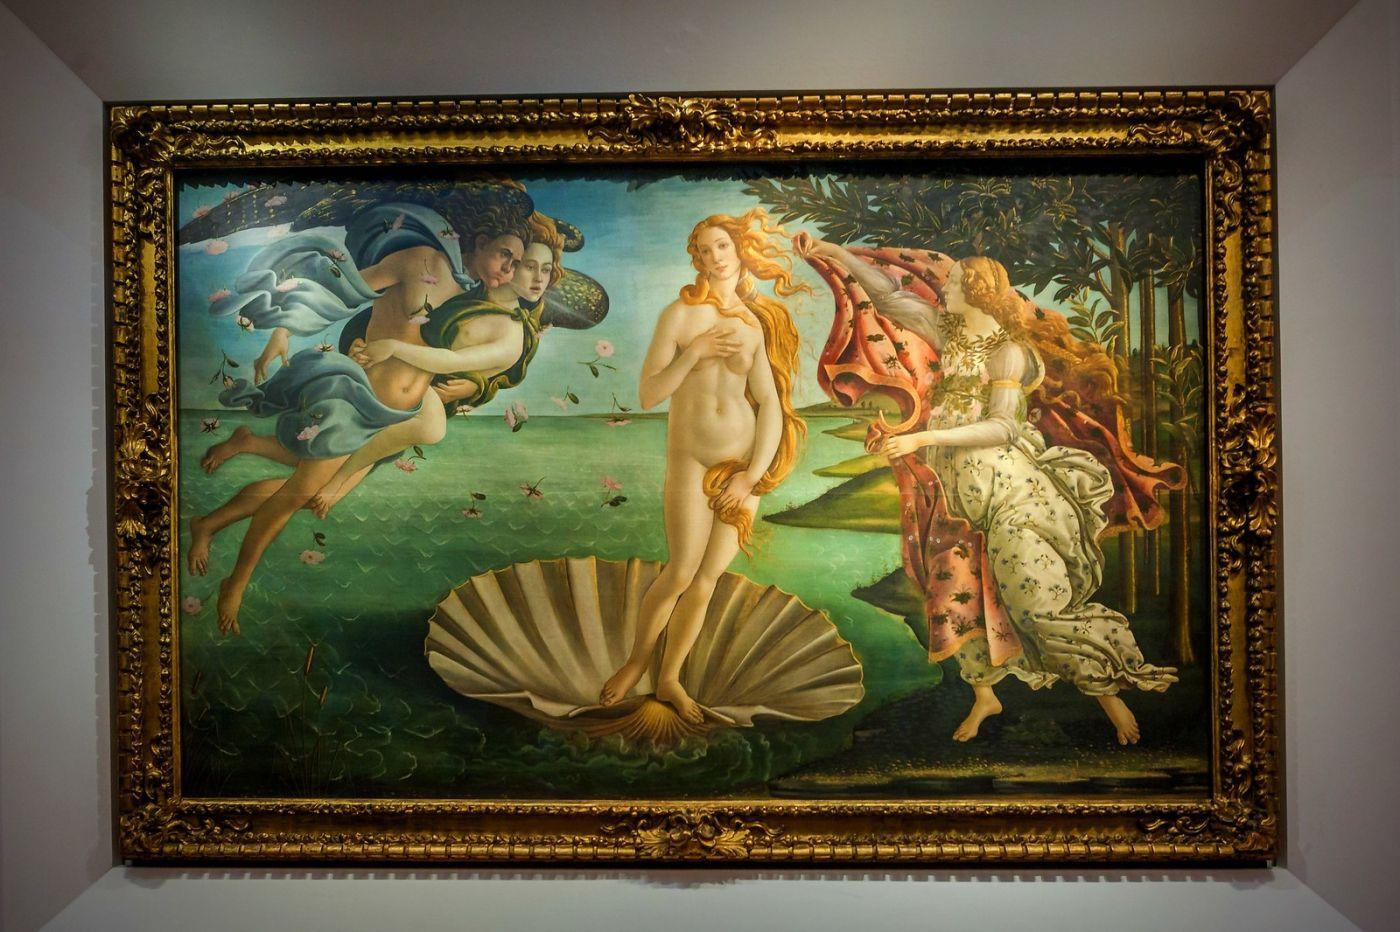 意大利佛罗伦斯乌菲兹美术馆, 目睹藏品_图1-25